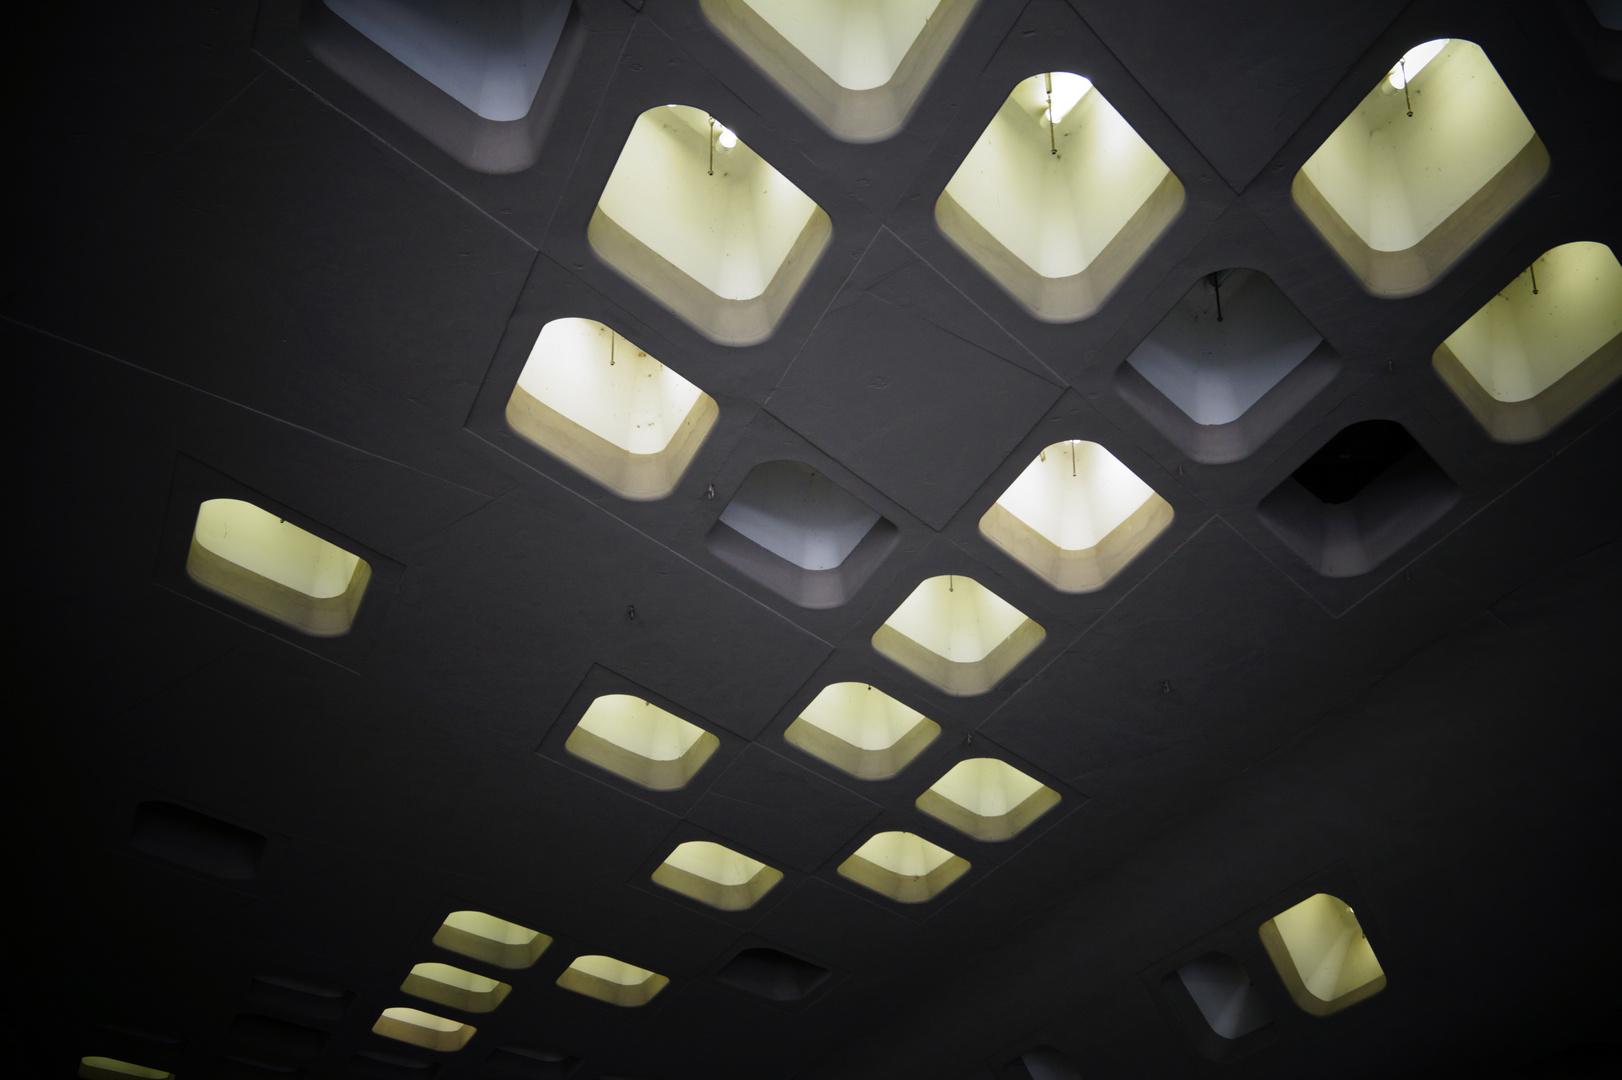 Lichter oder Fenster?